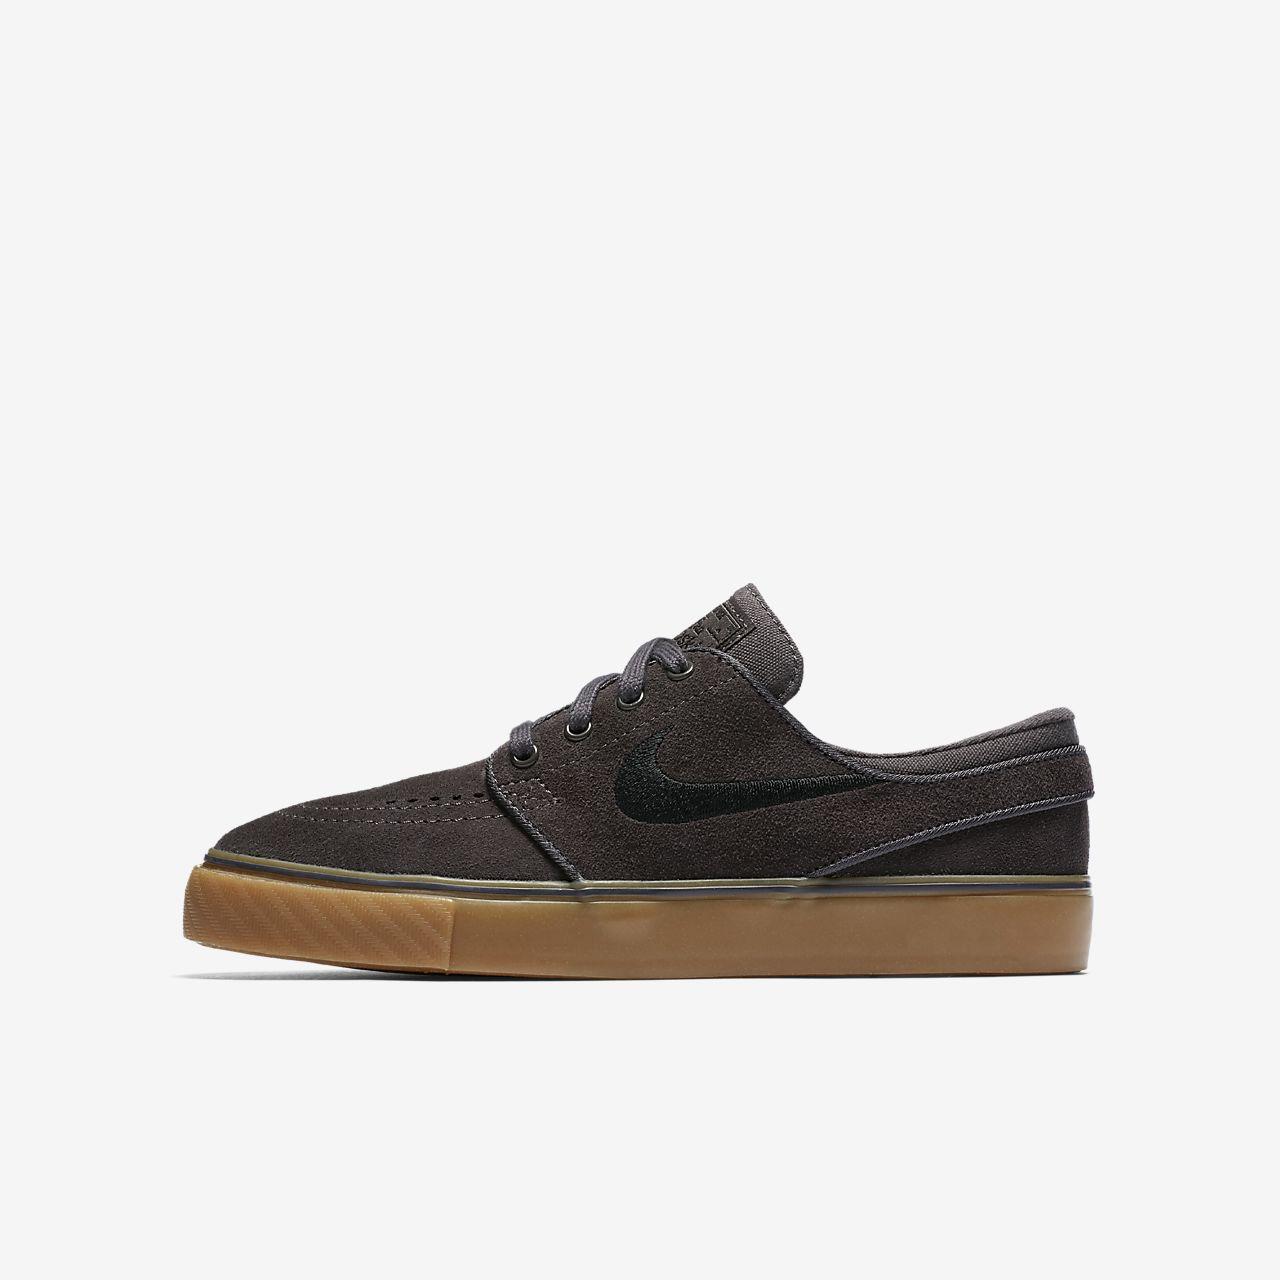 Chaussure de skateboard Nike Zoom Stefan Janoski pour Enfant plus âgé